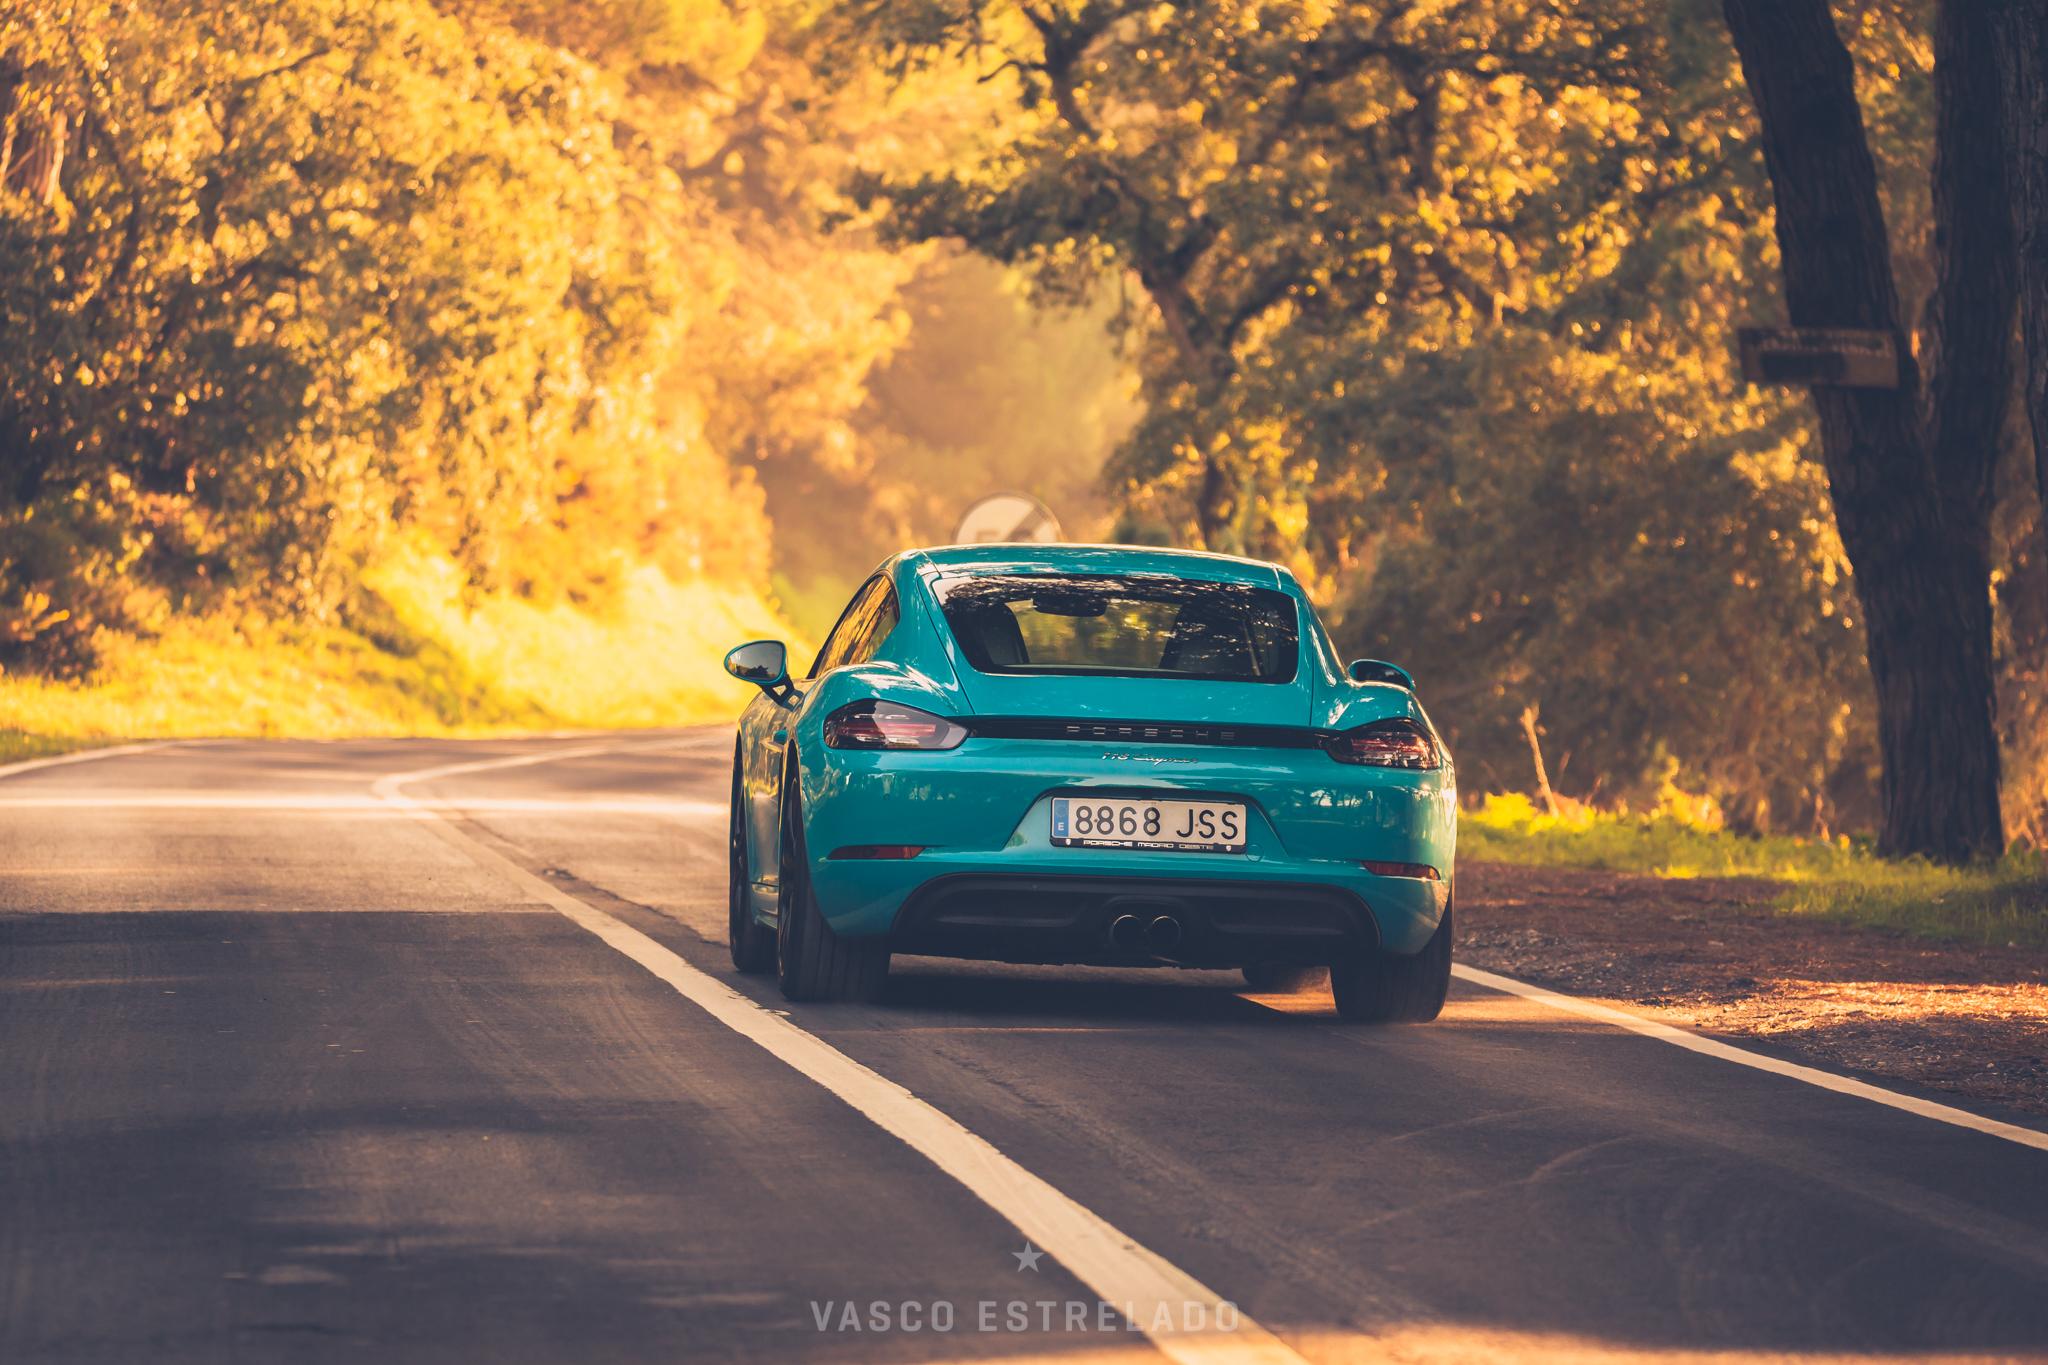 Porsche_Focus-161.jpg